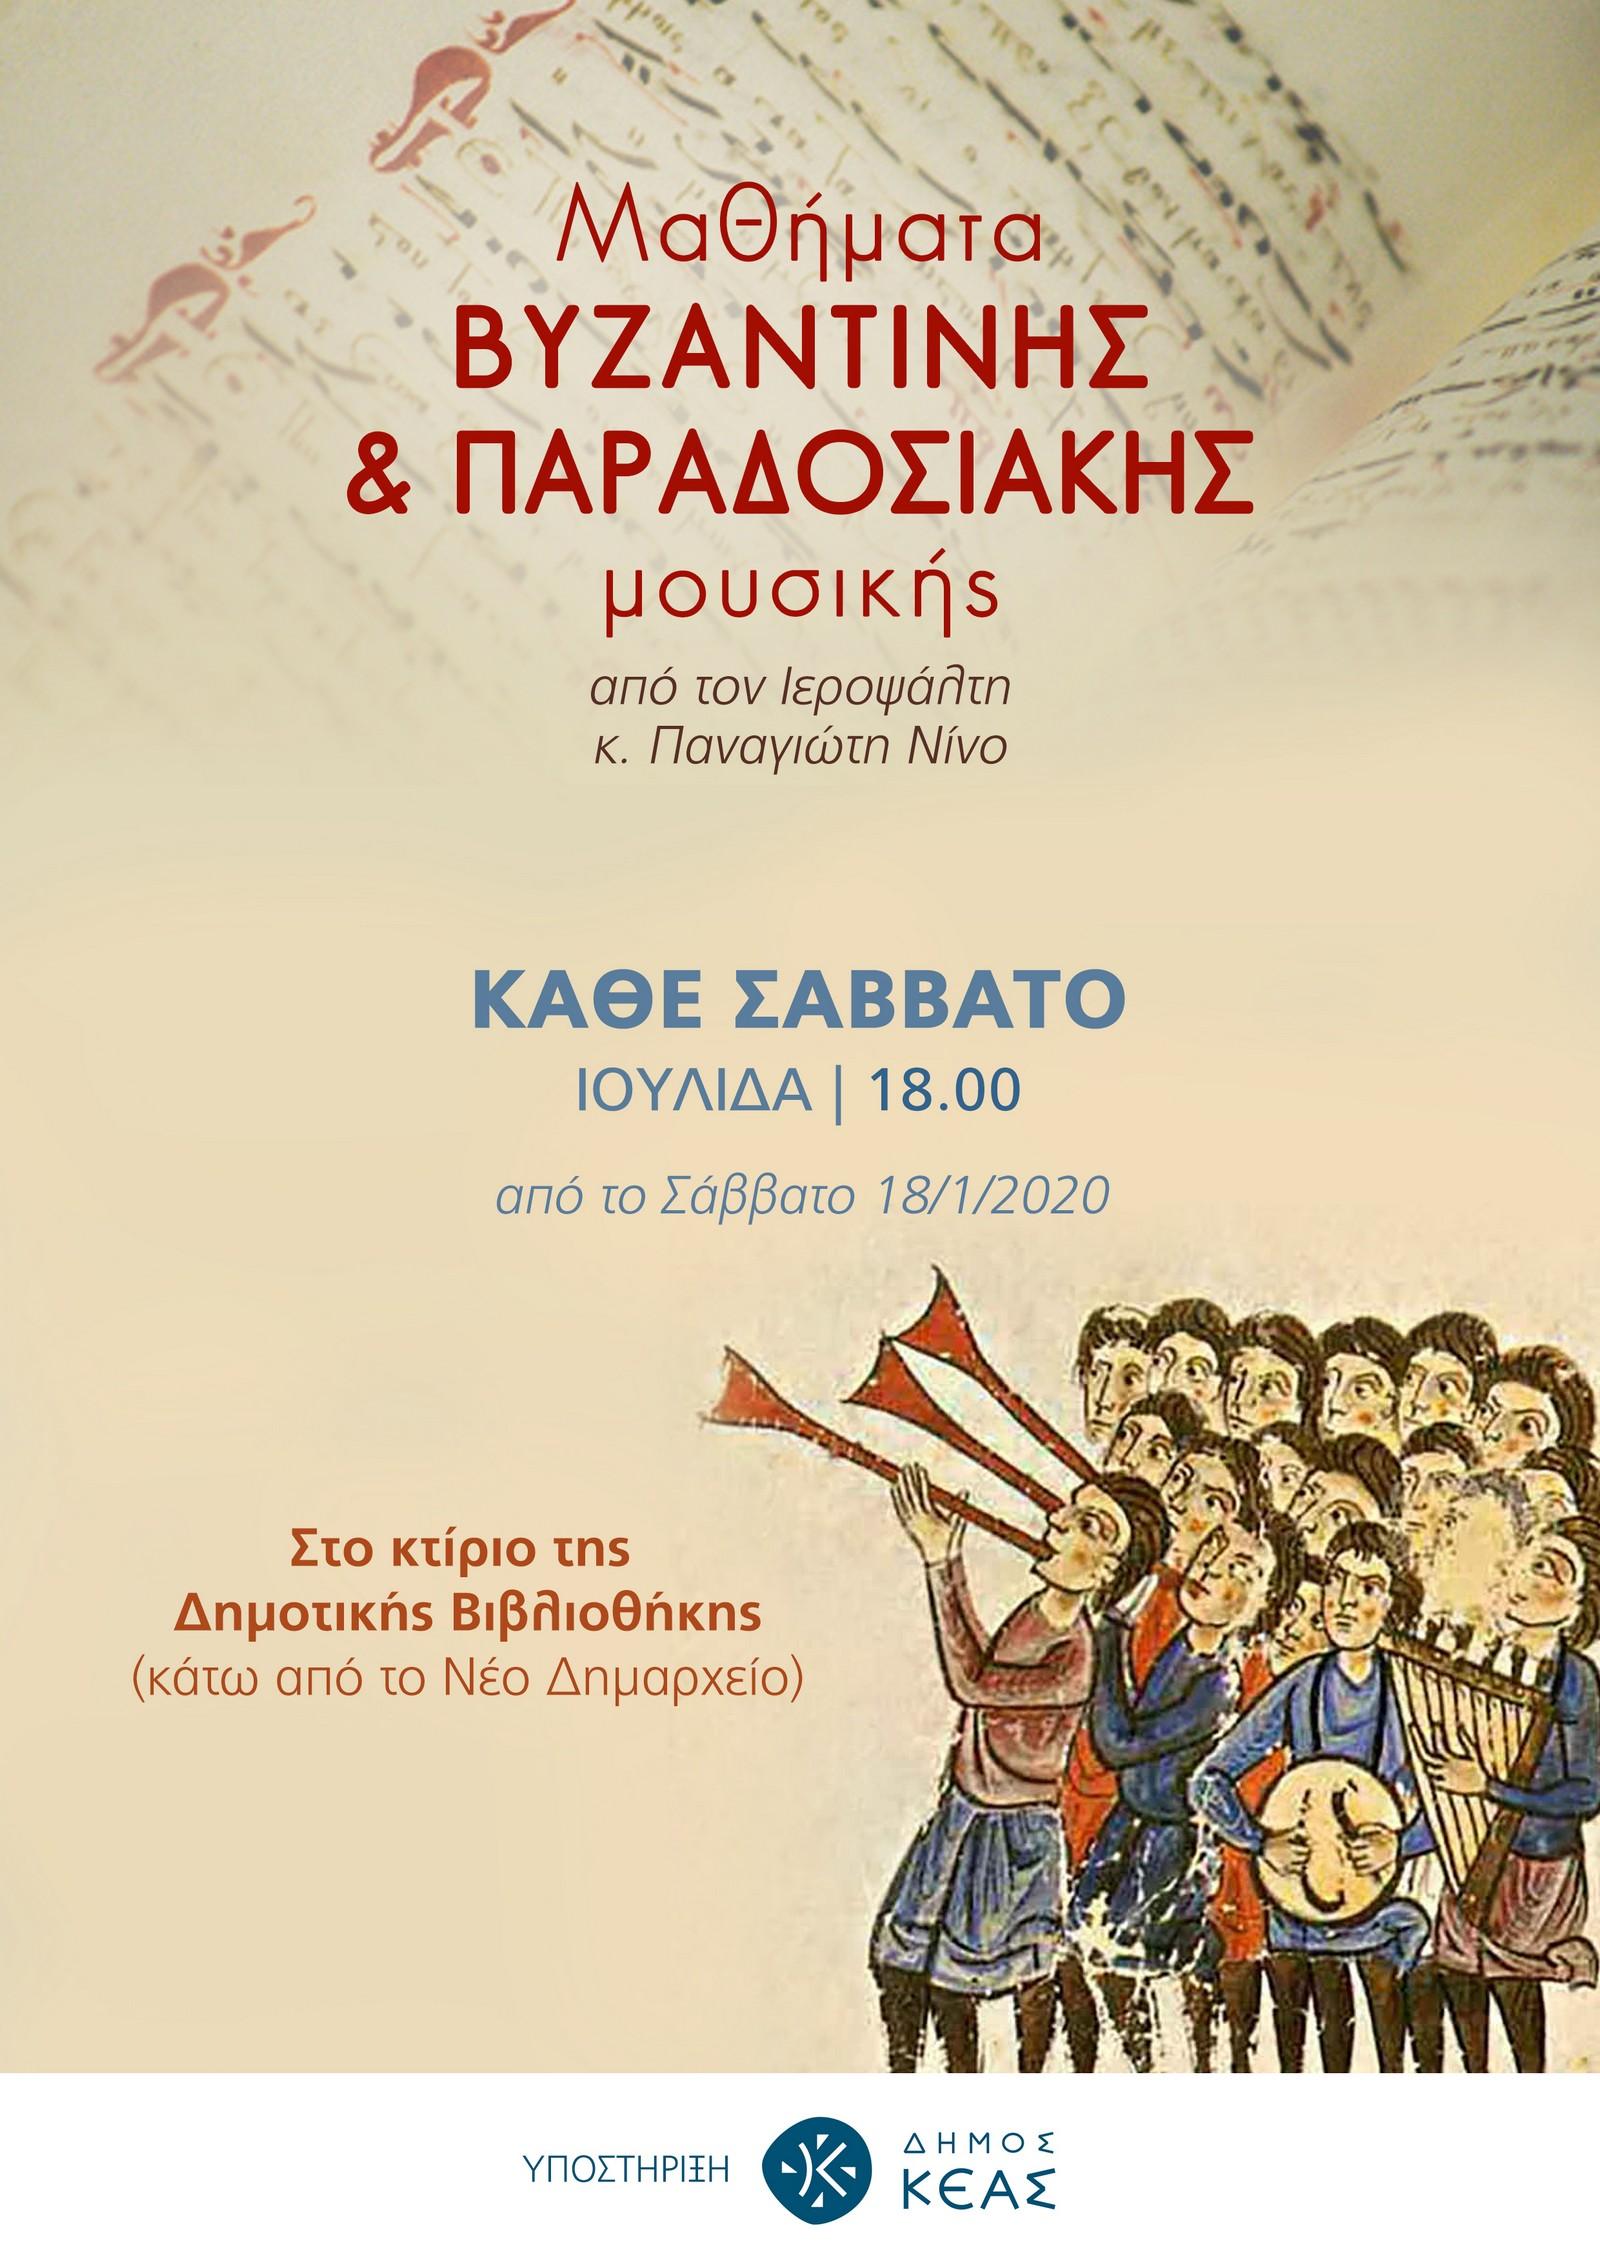 Βυζαντινής και Παραδοσιακής Μουσικής